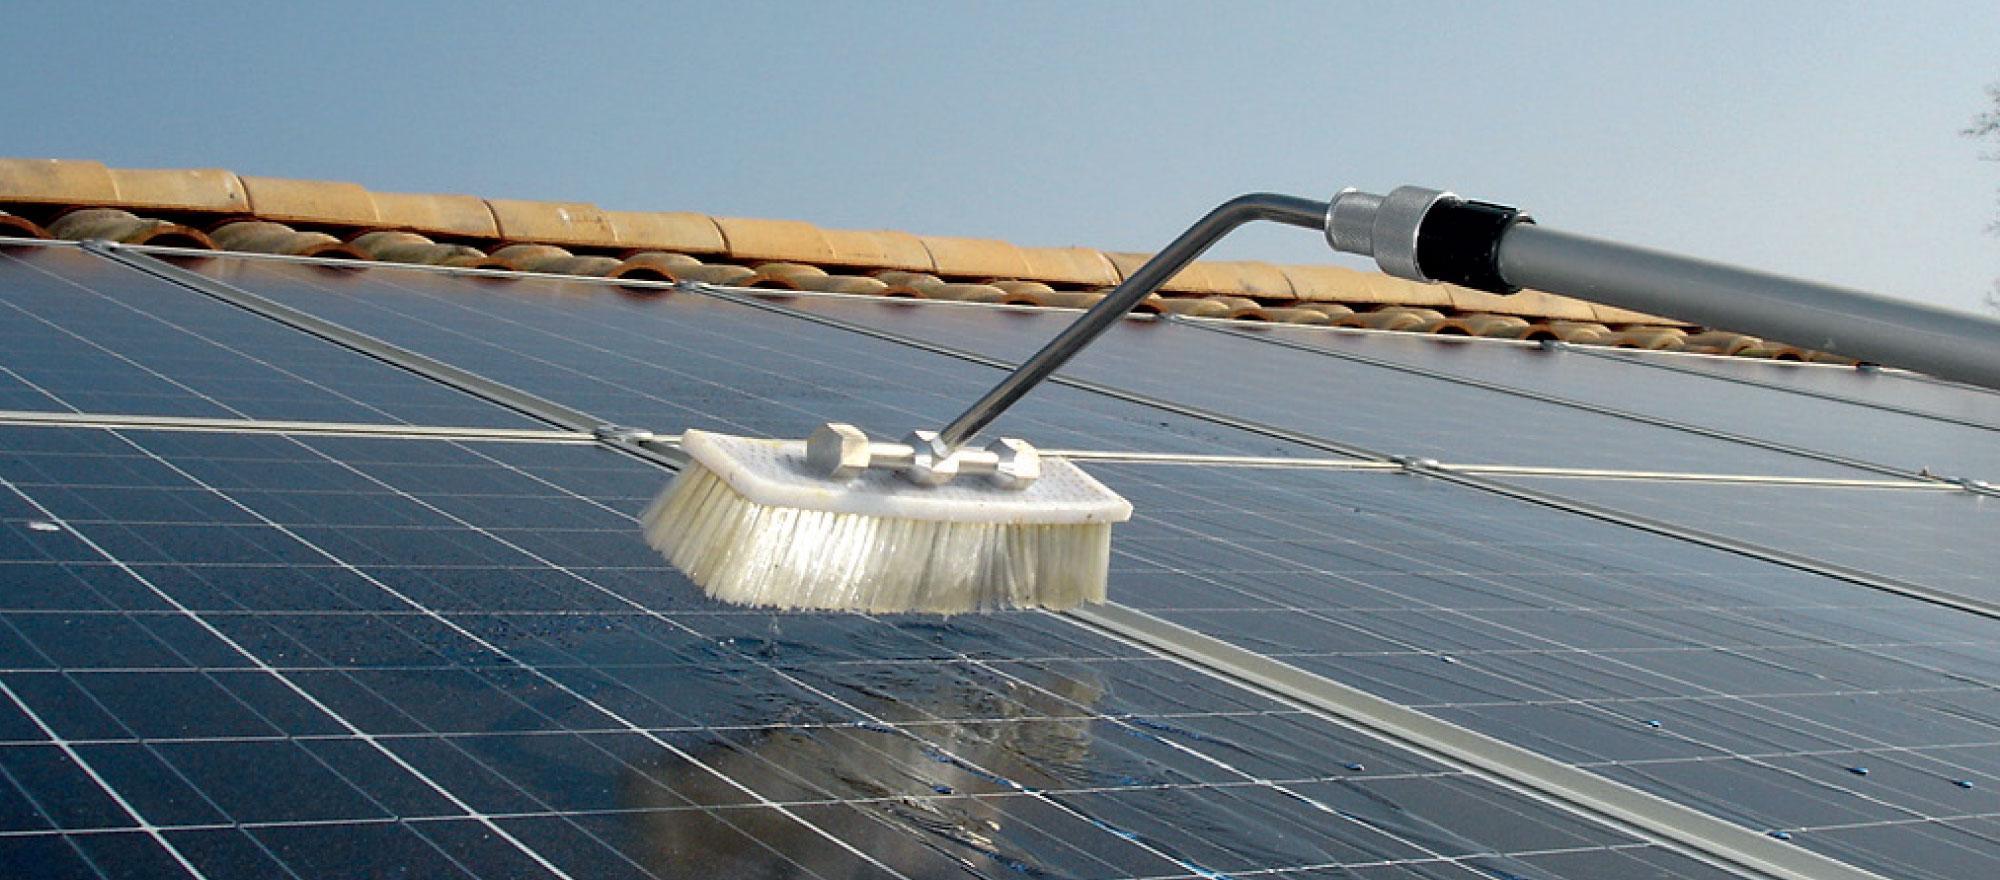 nettoyage panneaux solaires nil